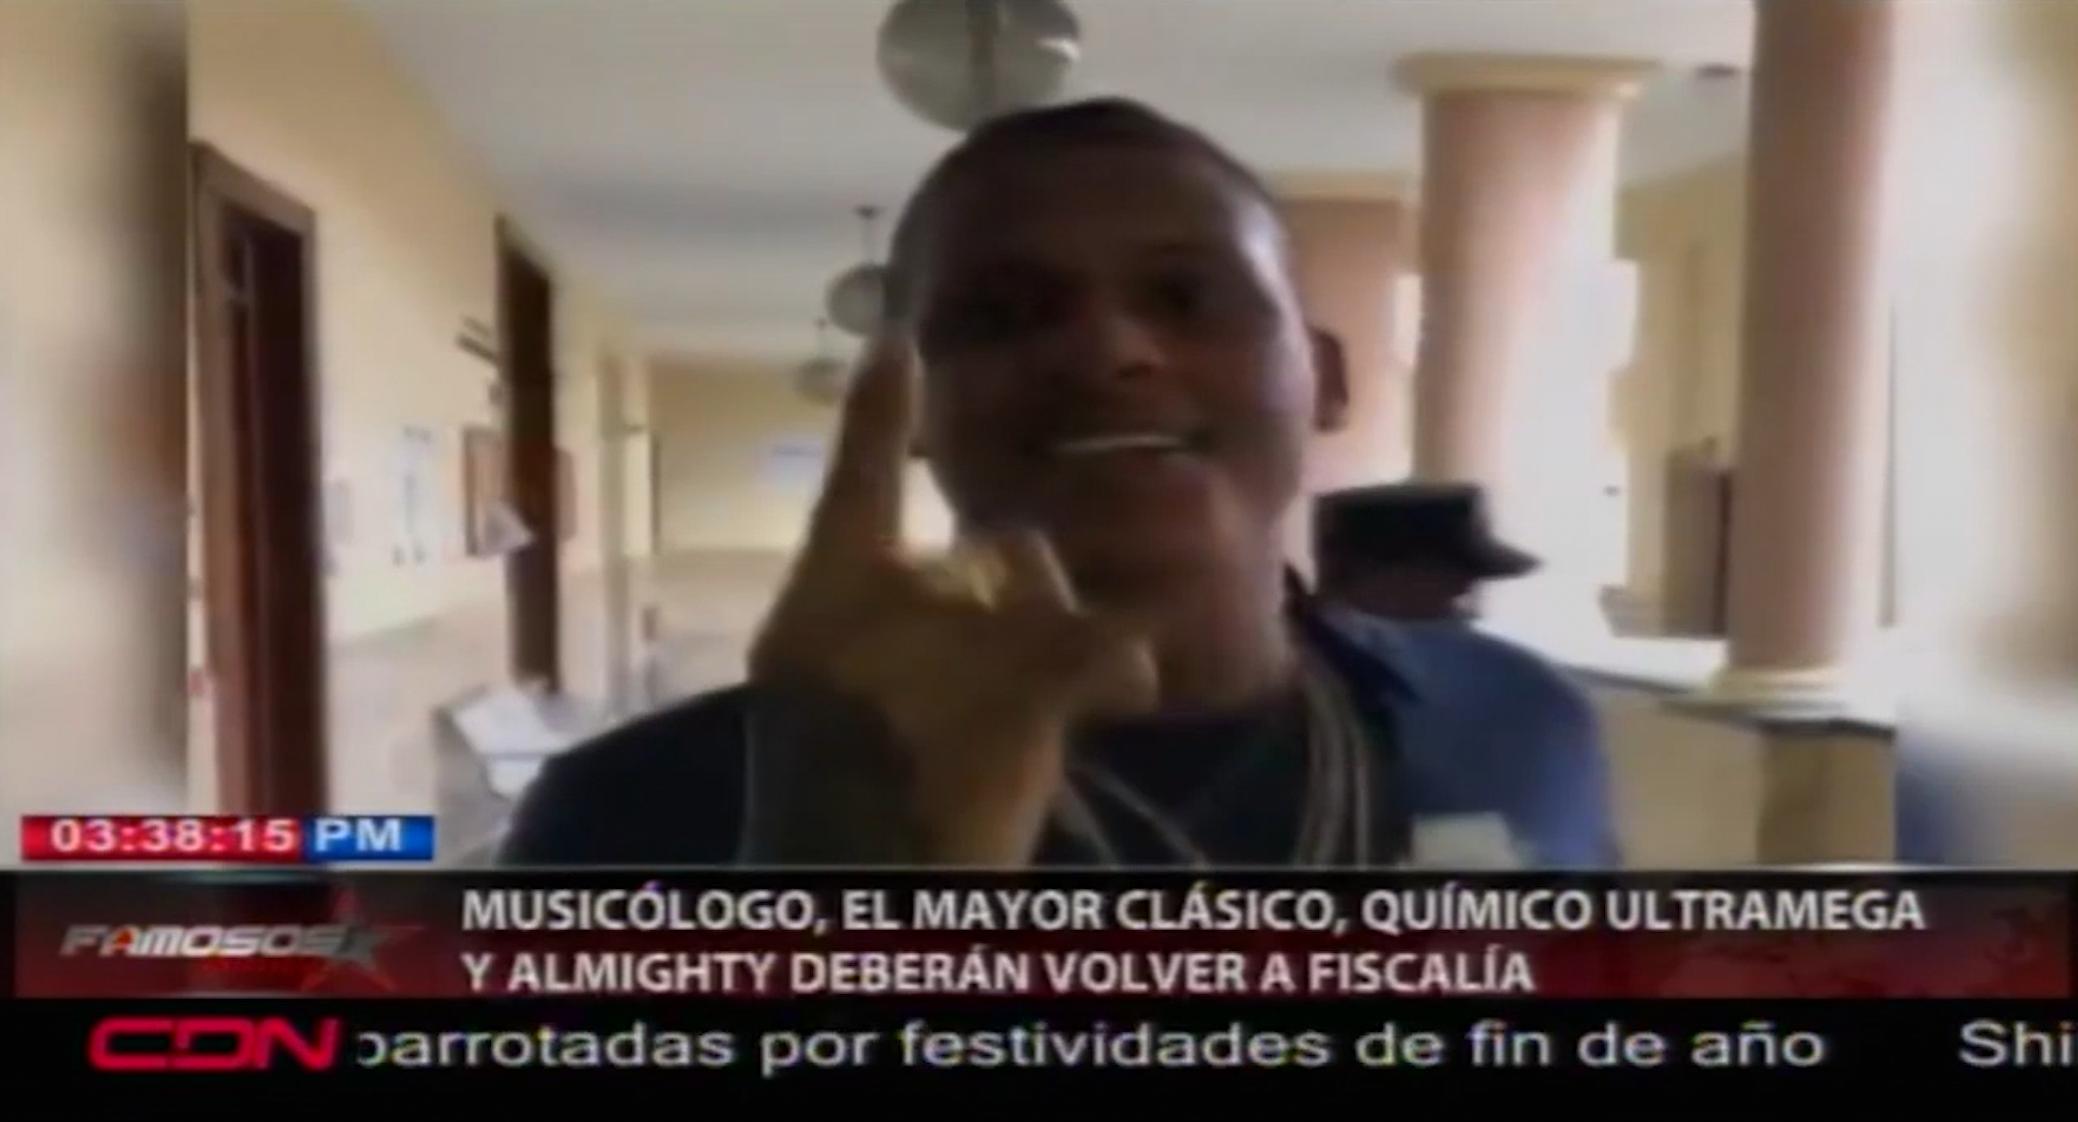 Musicologo El Libro ,Quimico Ultramega, Almighty Y El Mayor Deberán Volver A La Fiscalía Por Copiar Tema Musical Sin Autorización